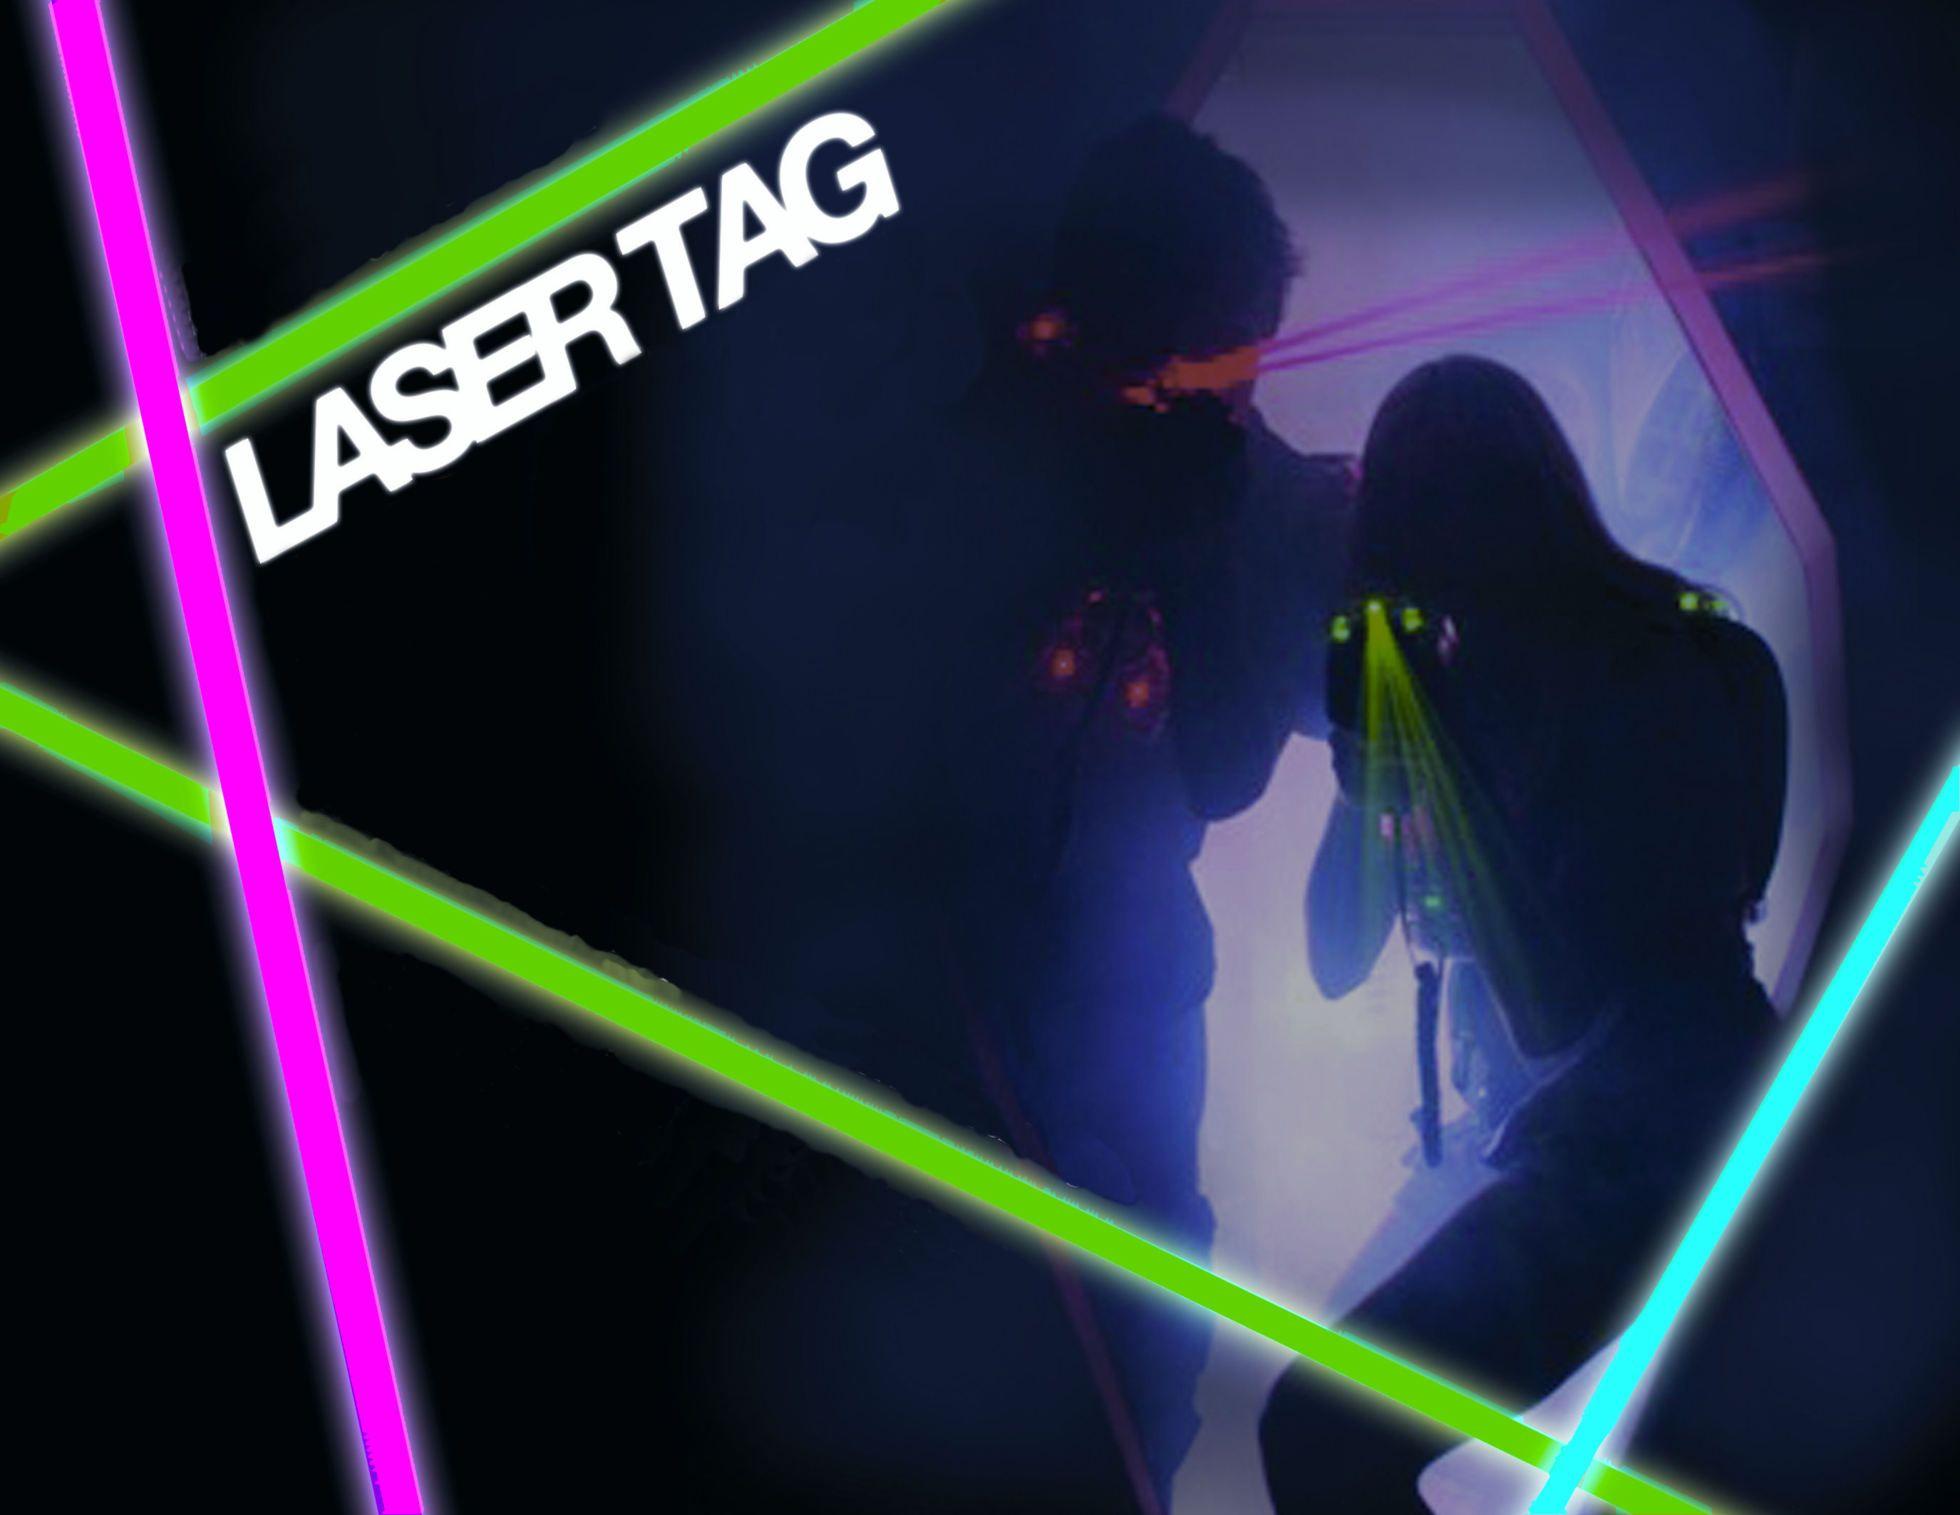 laser tag target clip art.